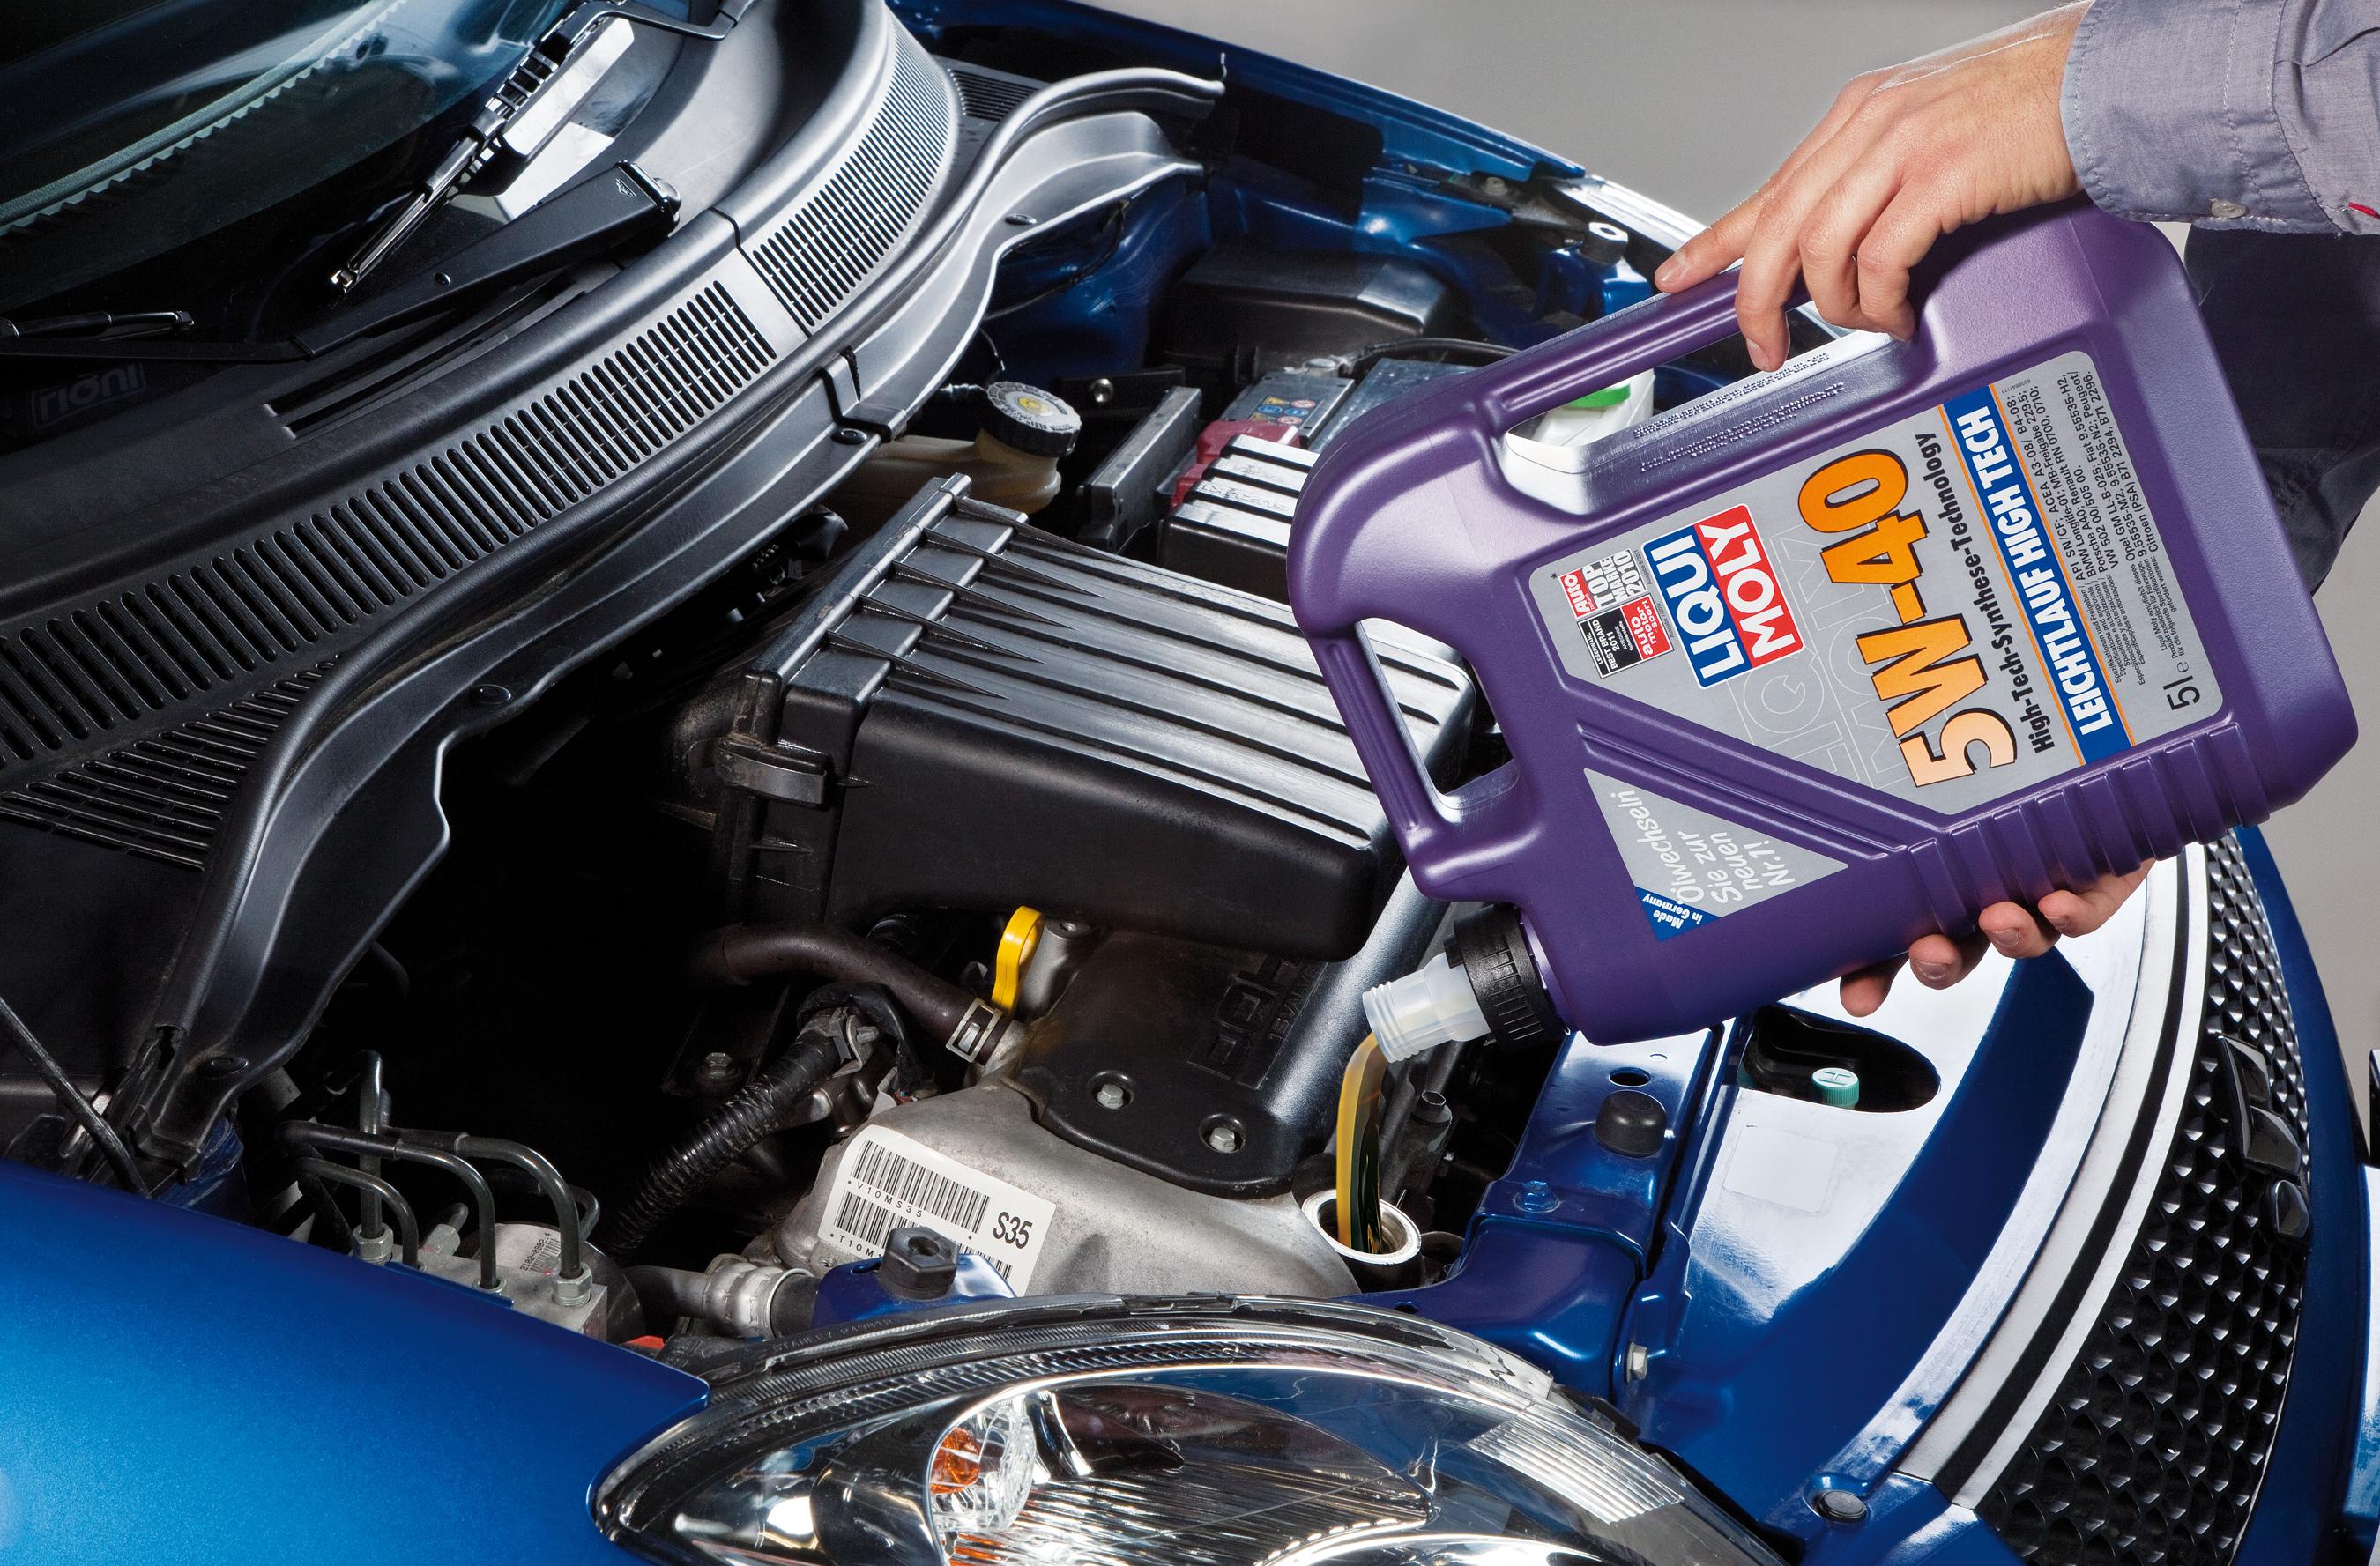 Liqui Moly Leichtlaufmotoröl Leichtlauf HighTech 5W-40 5 Liter Bild 2